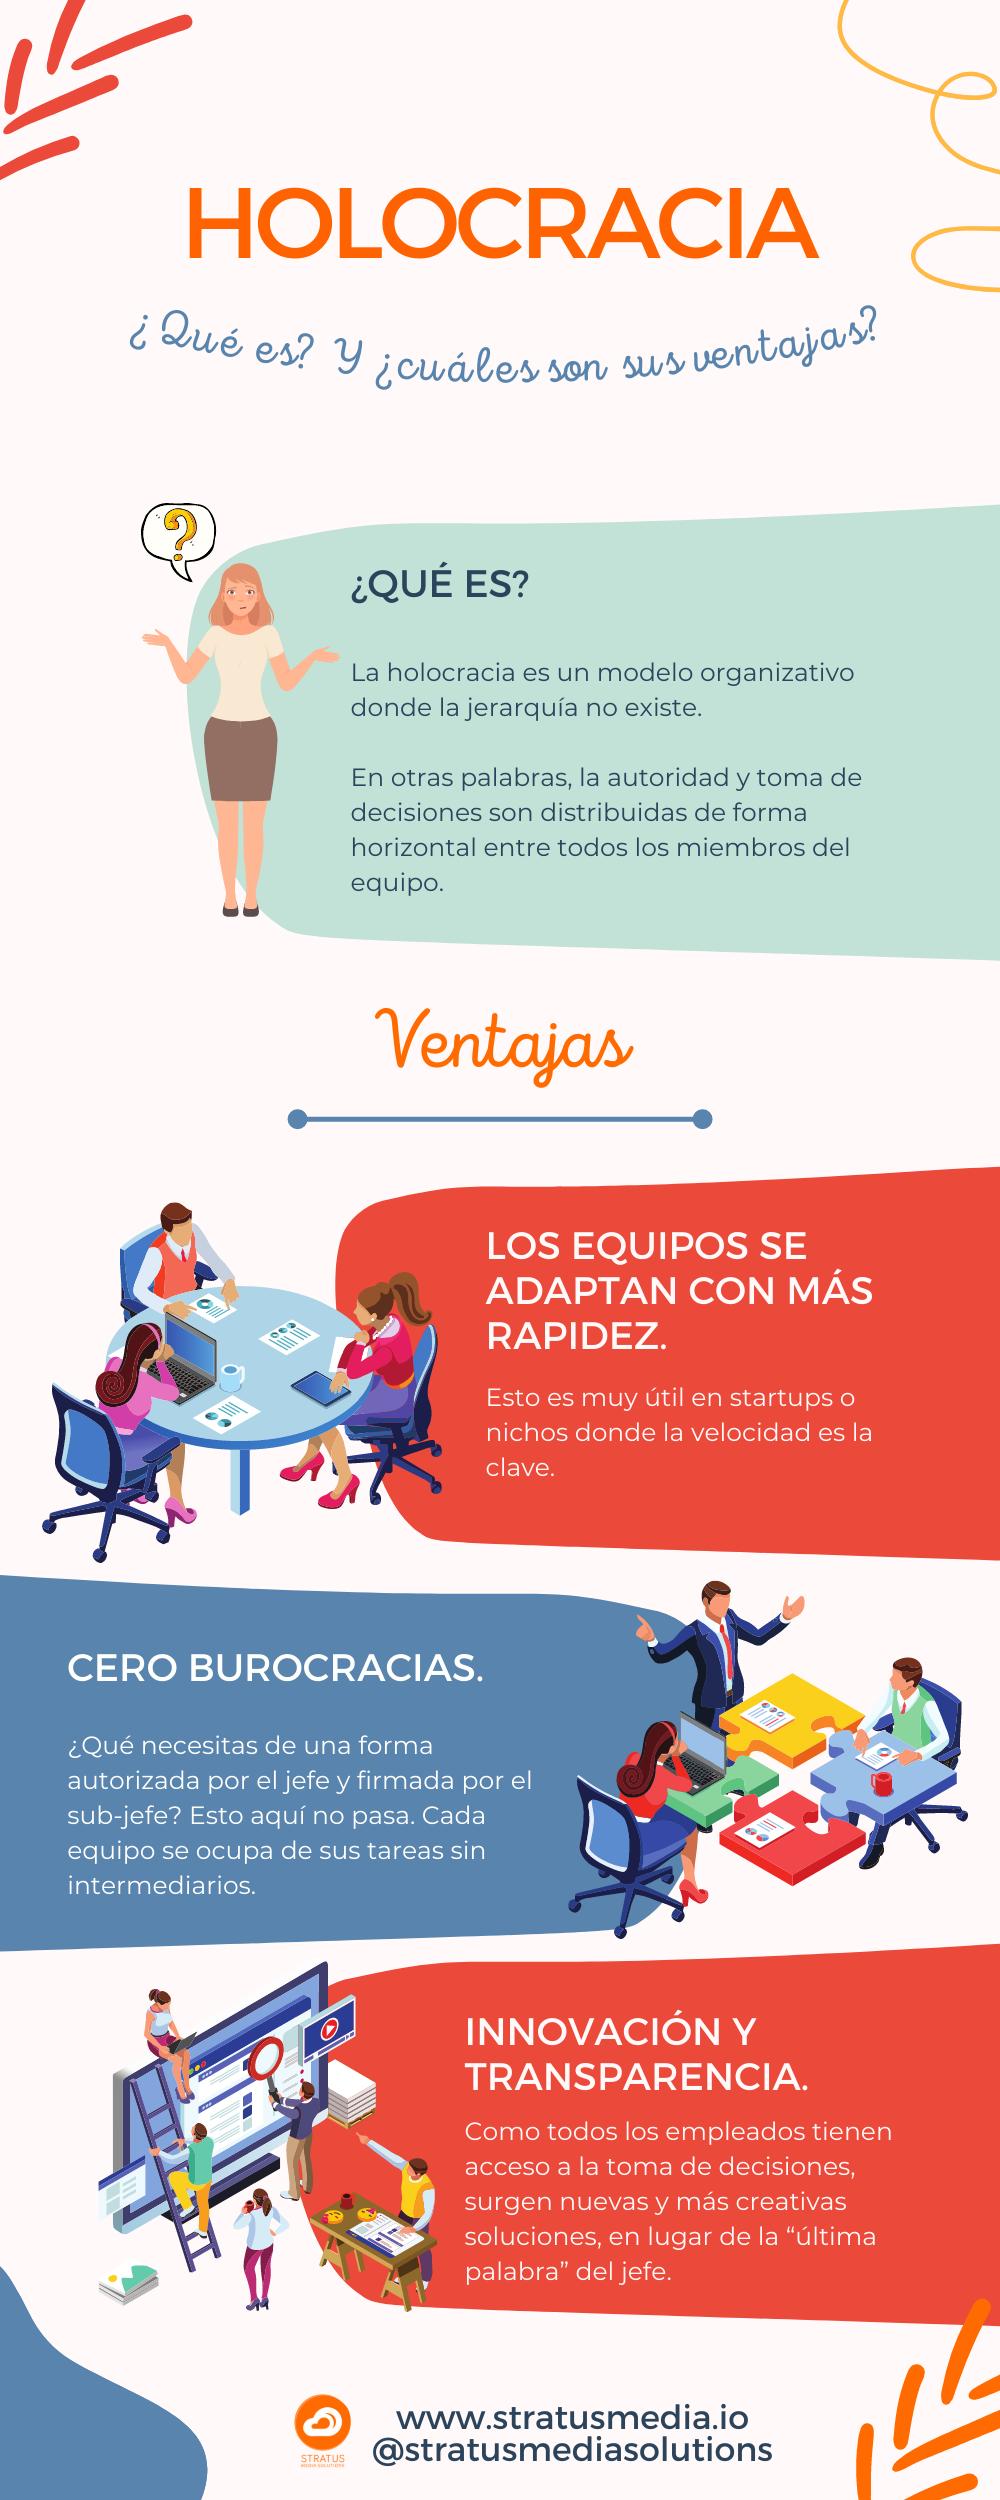 Holocracia - infografía